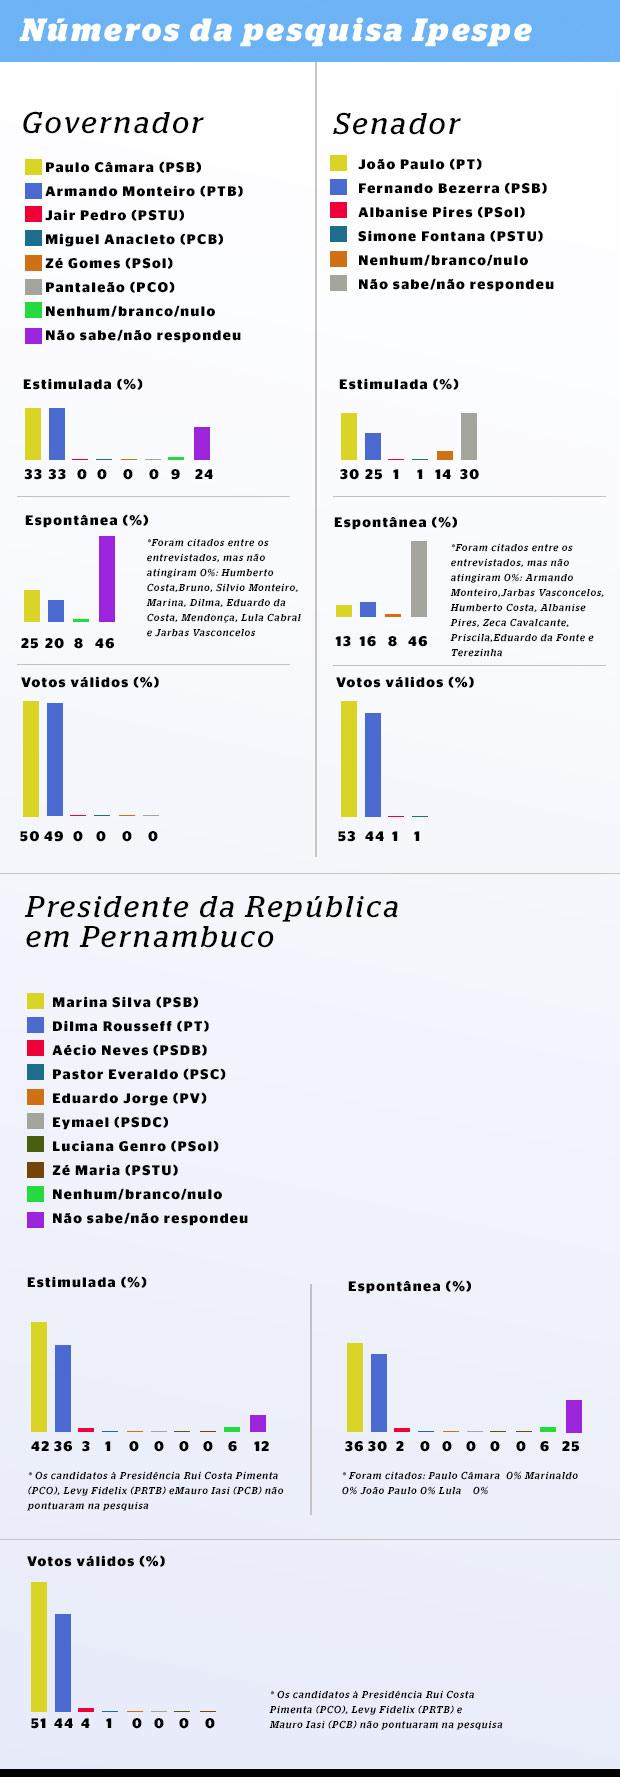 20140915003621512364o Ipespe: Disputa para o Governo de PE mostra polarização entre Câmara e Armando. Cenário acirrado também para o Senado